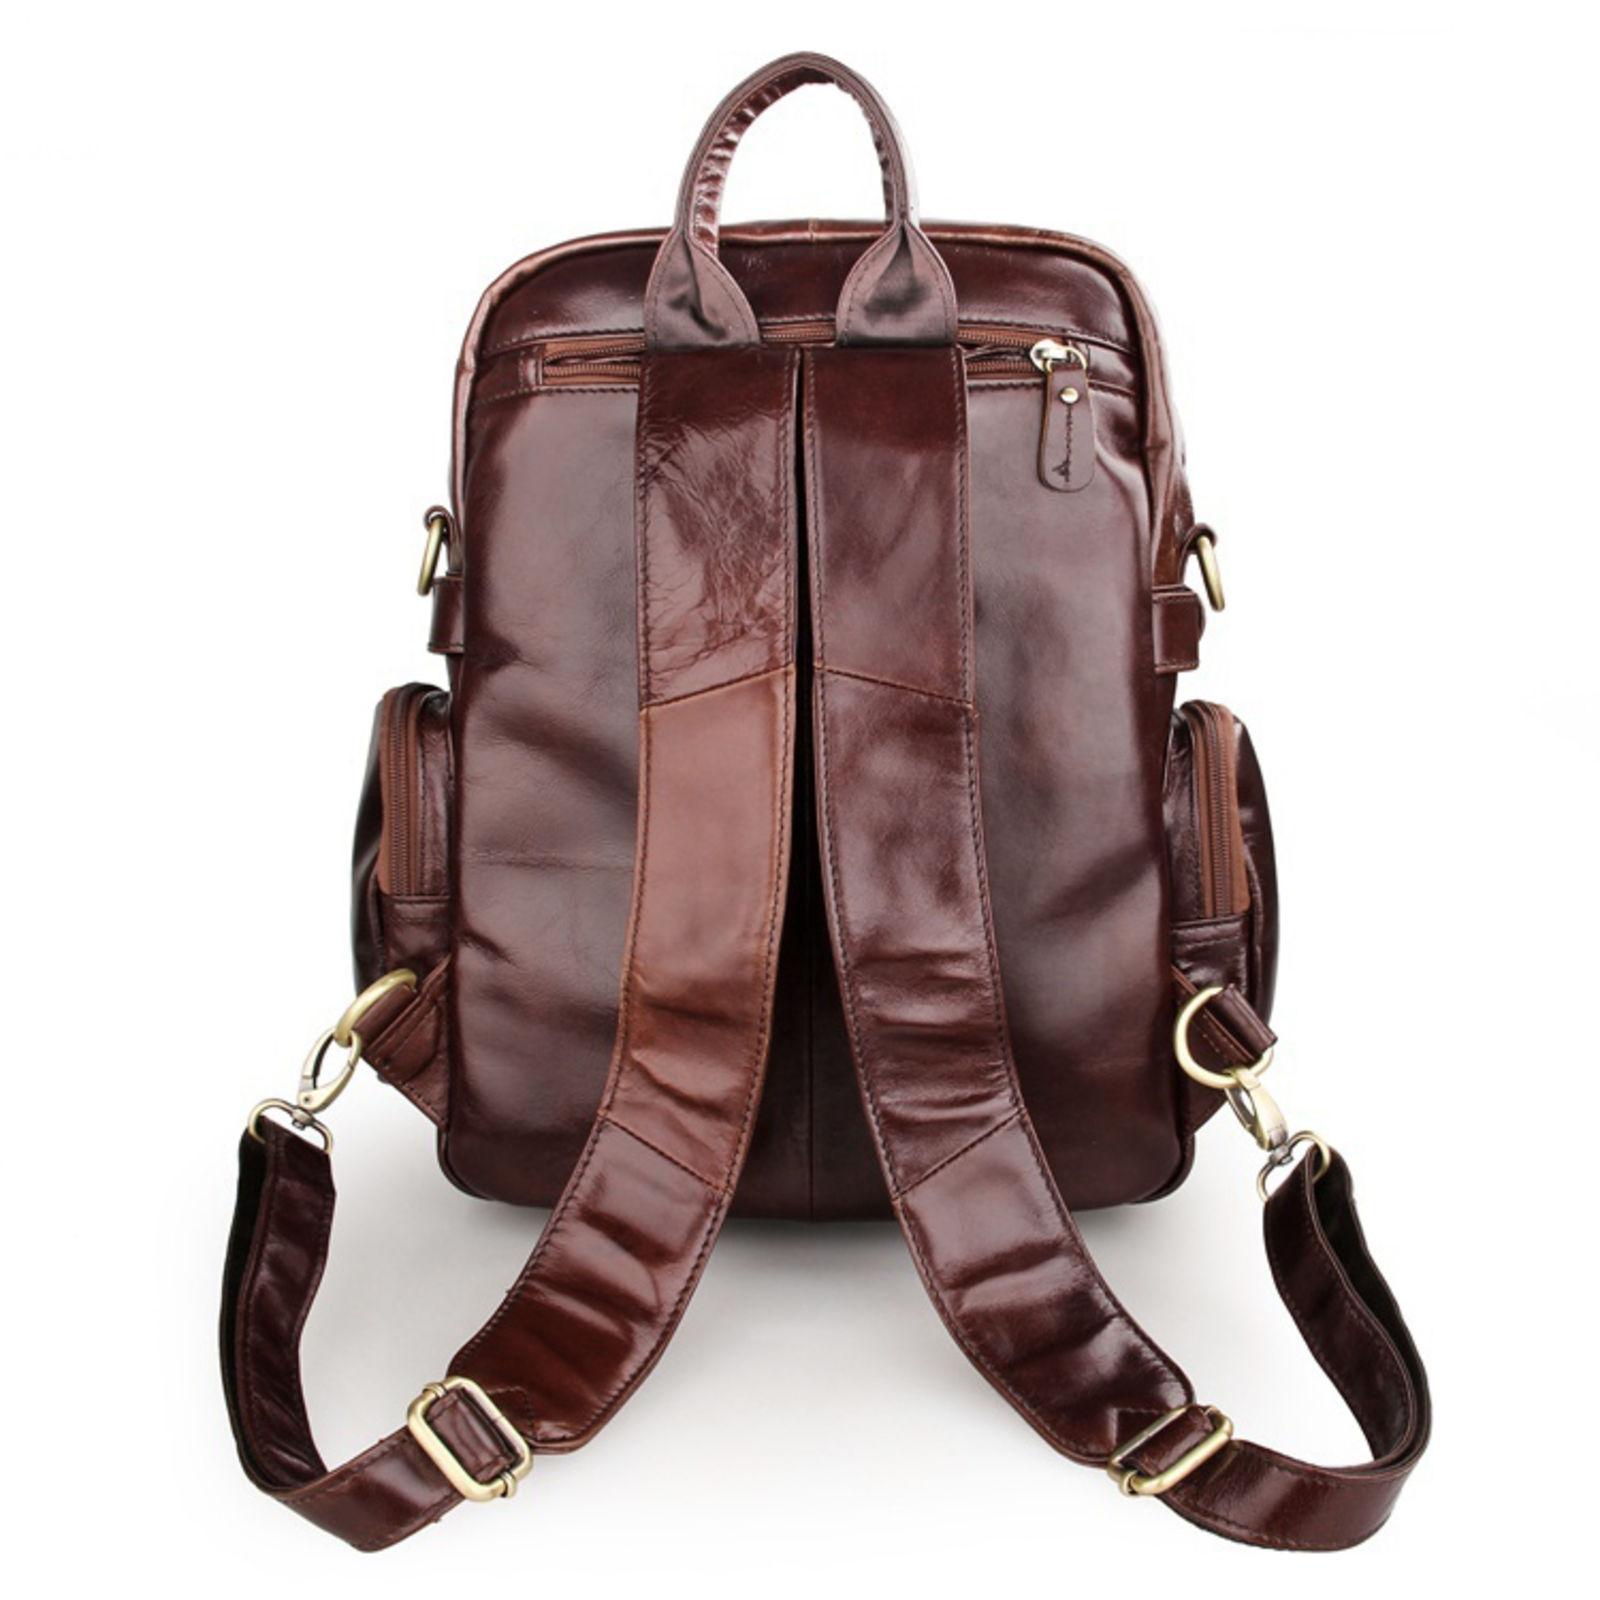 Multi Verzending Purpose Vintage Leren Gratis Backpack Lichtbruin Bqw1EvE